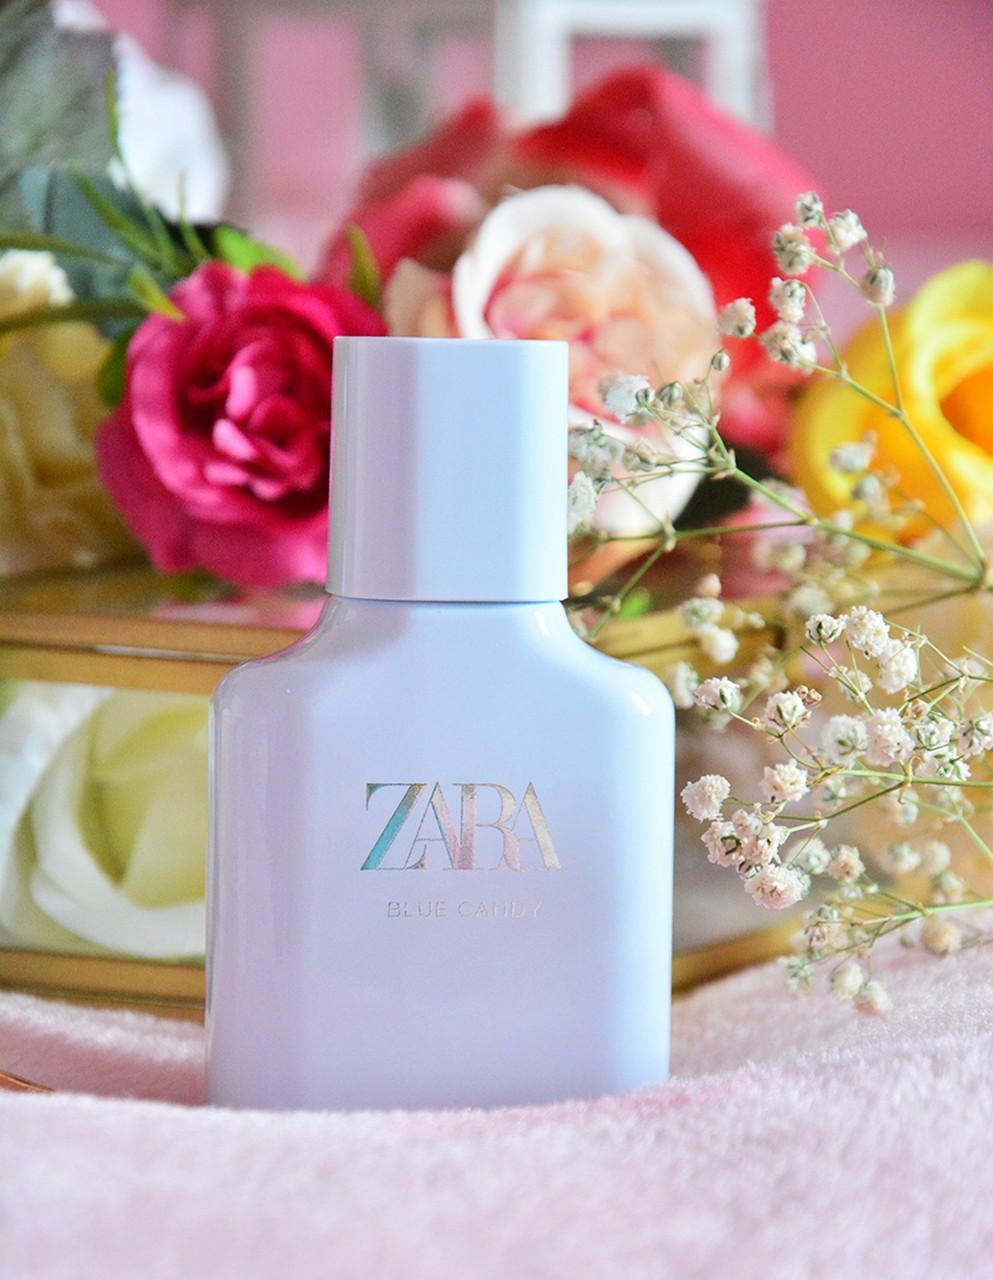 Zara Blue Candy Kadın Parfümü Blog